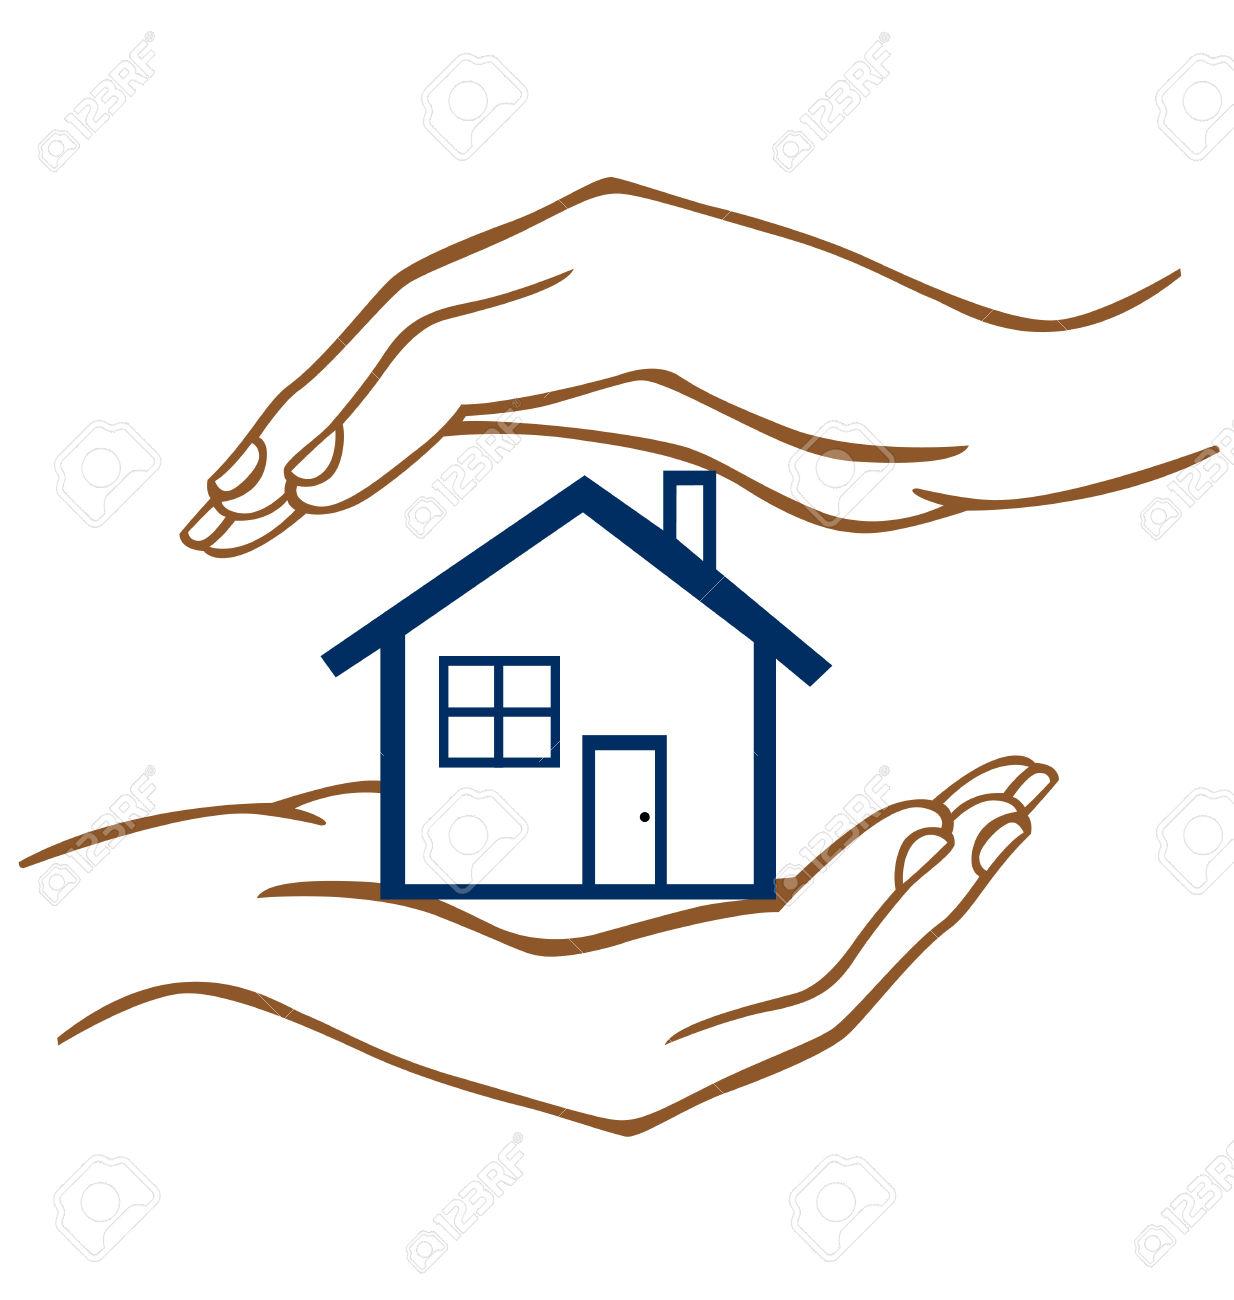 Haus von oben clipart clipart royalty free Zwei Hände Auf Oben Und Unten Ein Haus Schützen. Lizenzfrei ... clipart royalty free